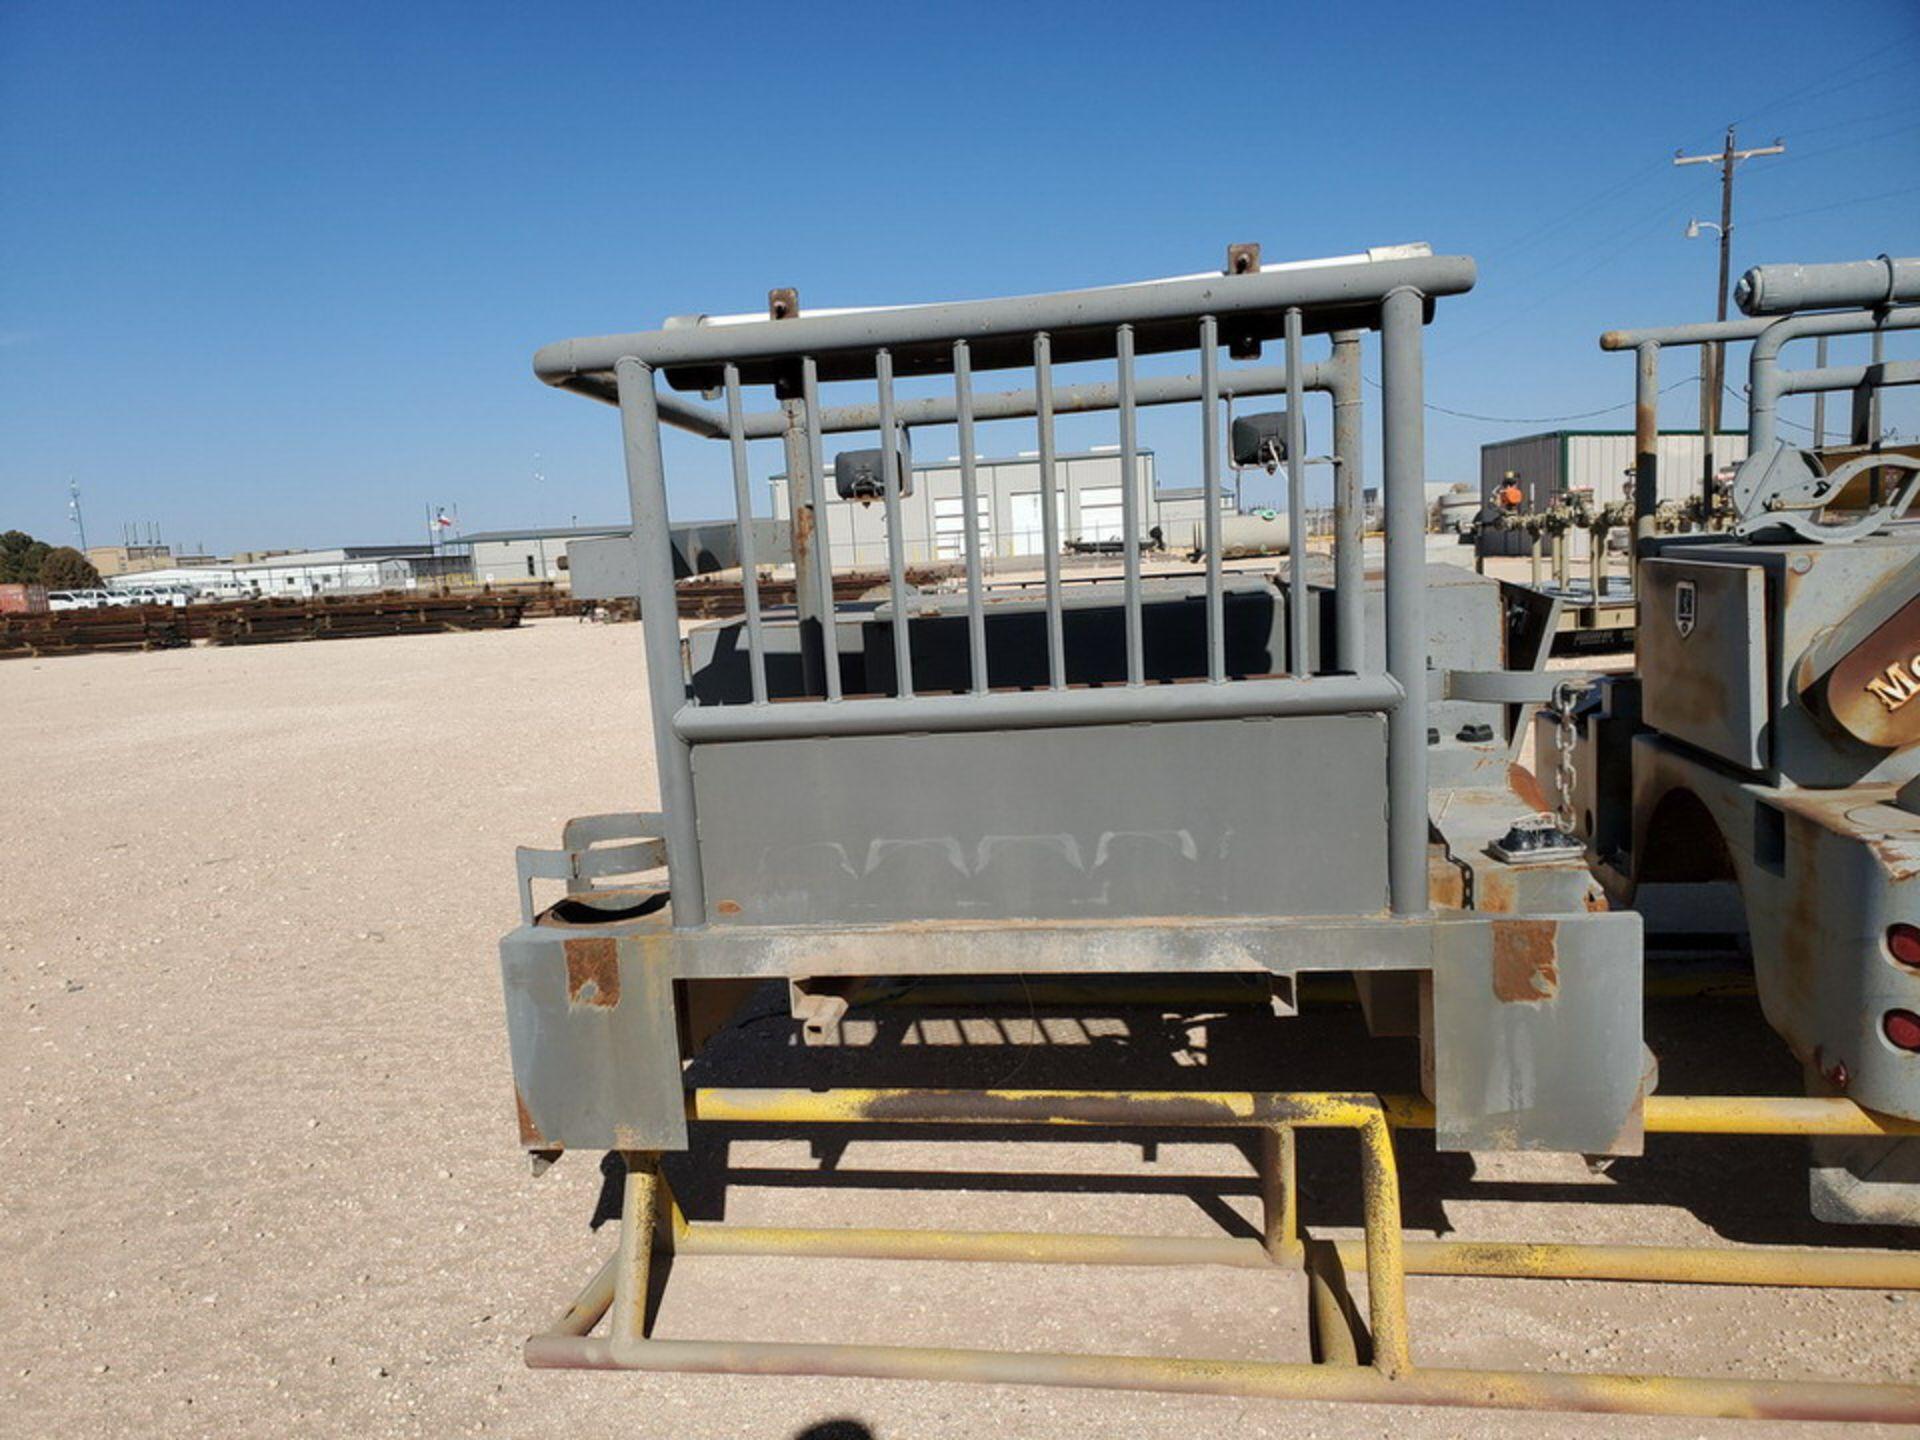 Welding Truck Bed - Image 9 of 10